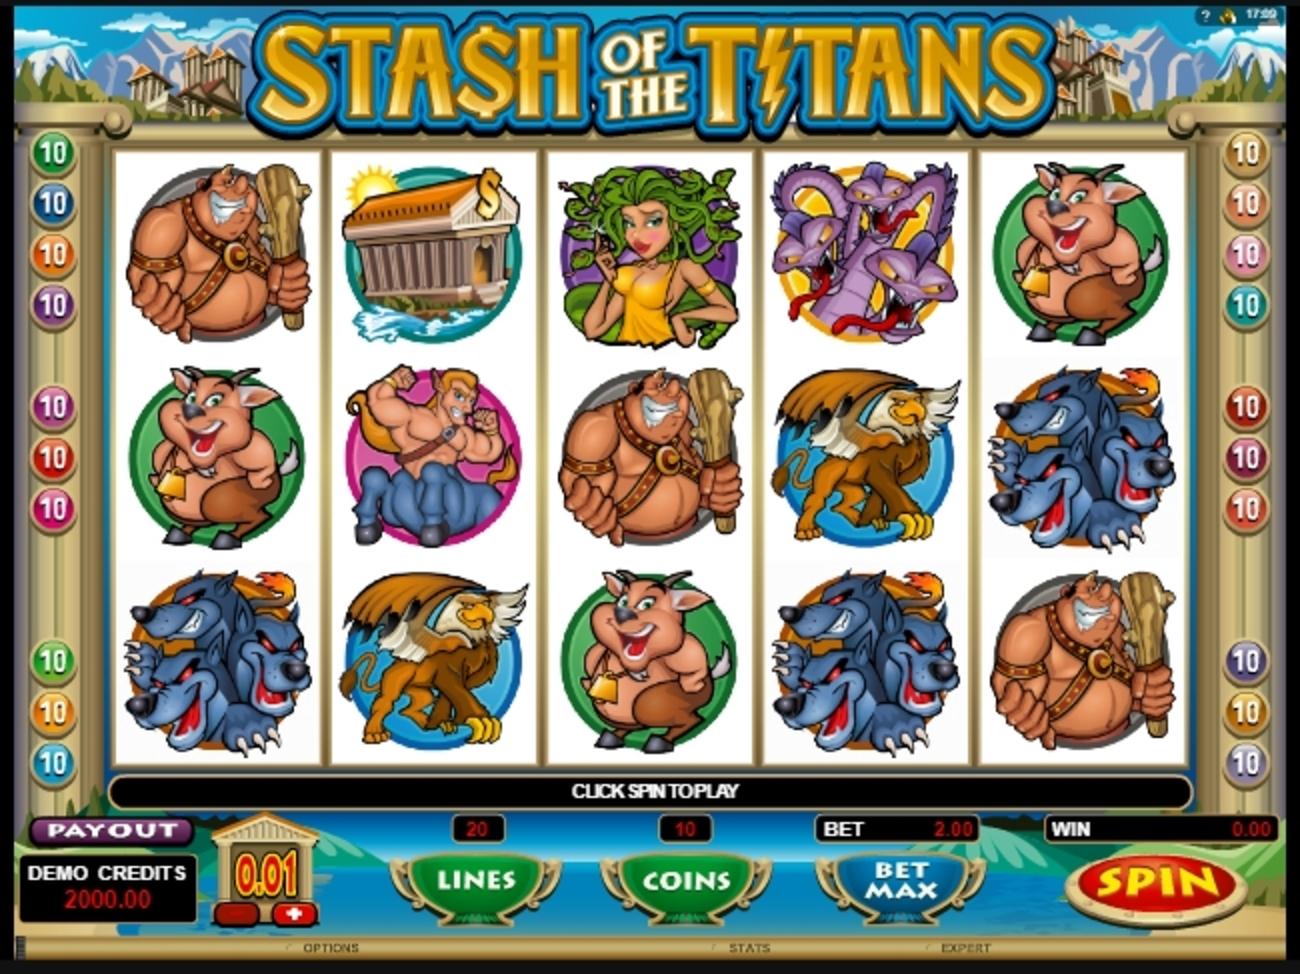 Stash of the Titans Slot Machine